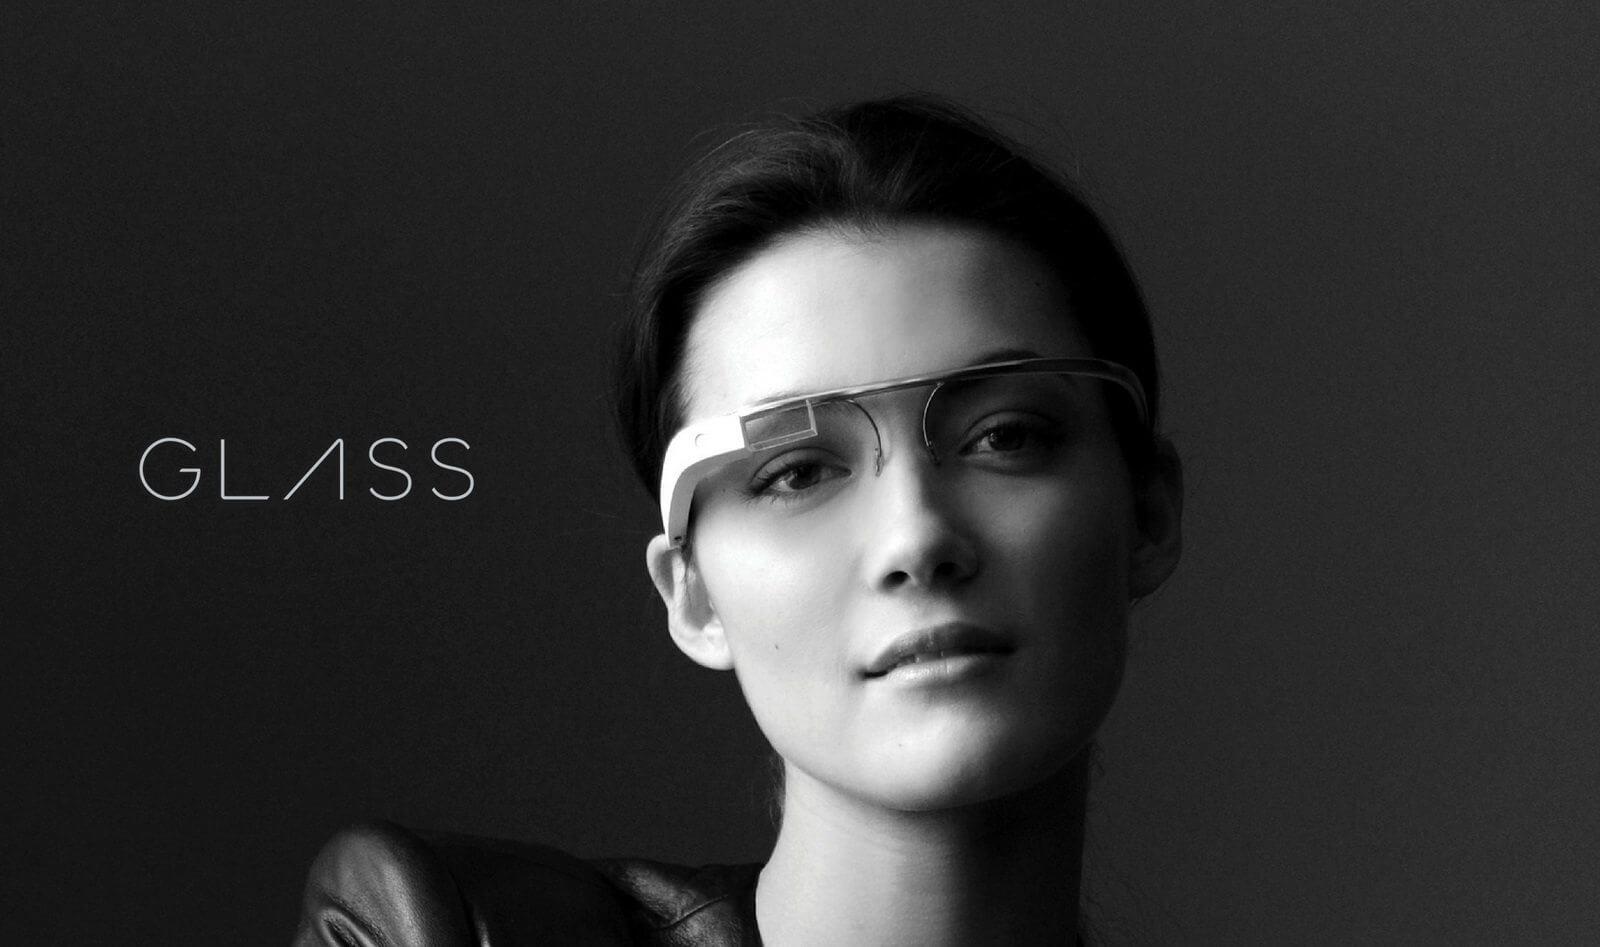 google glass - Android Wear, o que é, e porque reserva a nós um mundo de possibilidades...